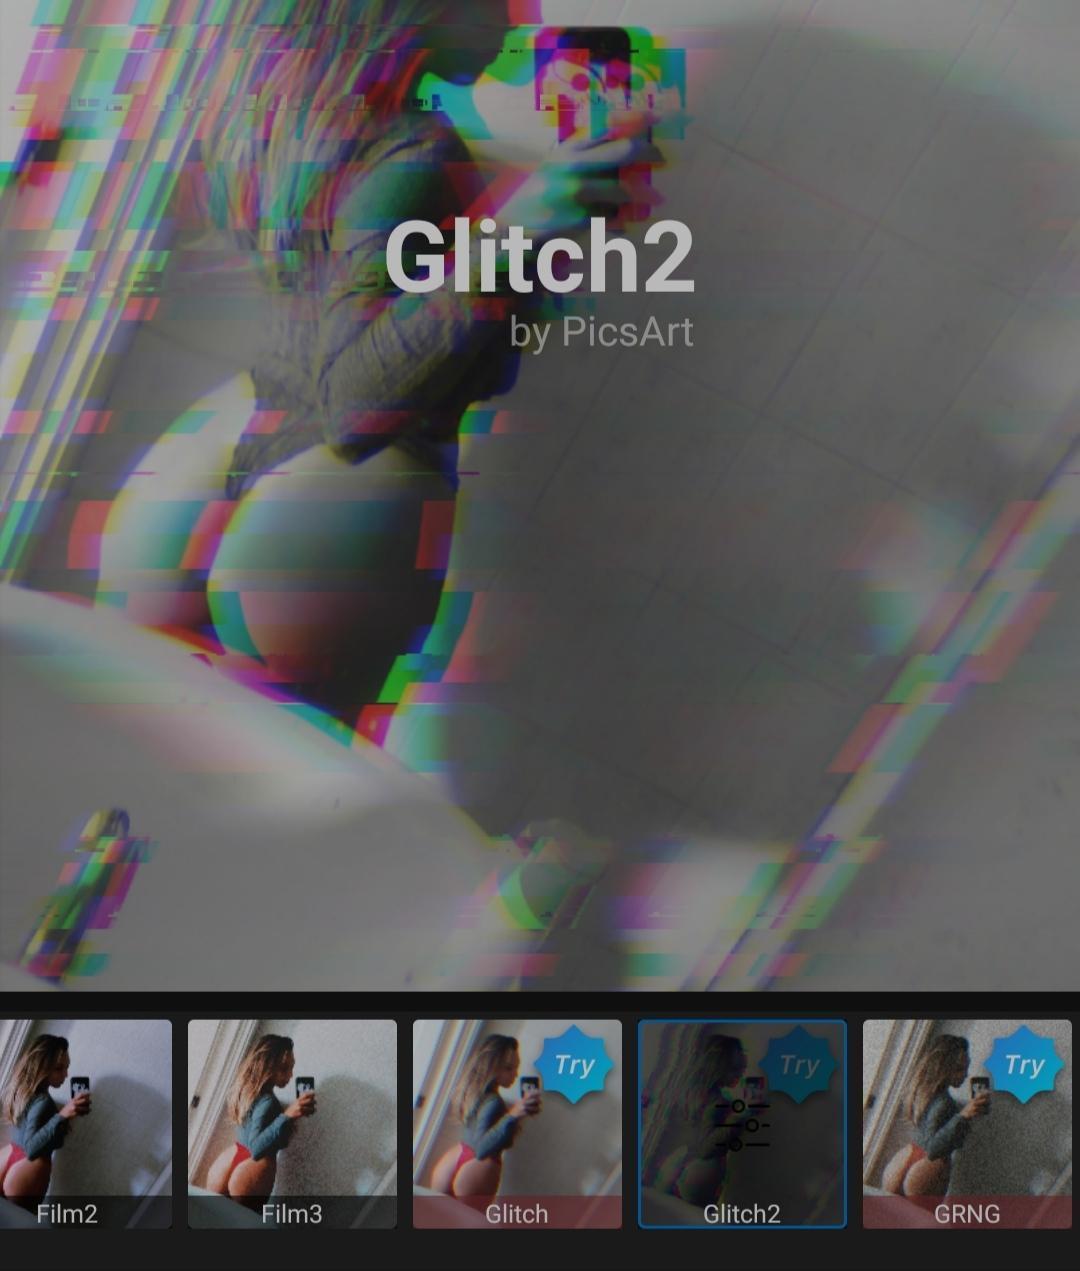 parejahotspain live cam on Cam4.com